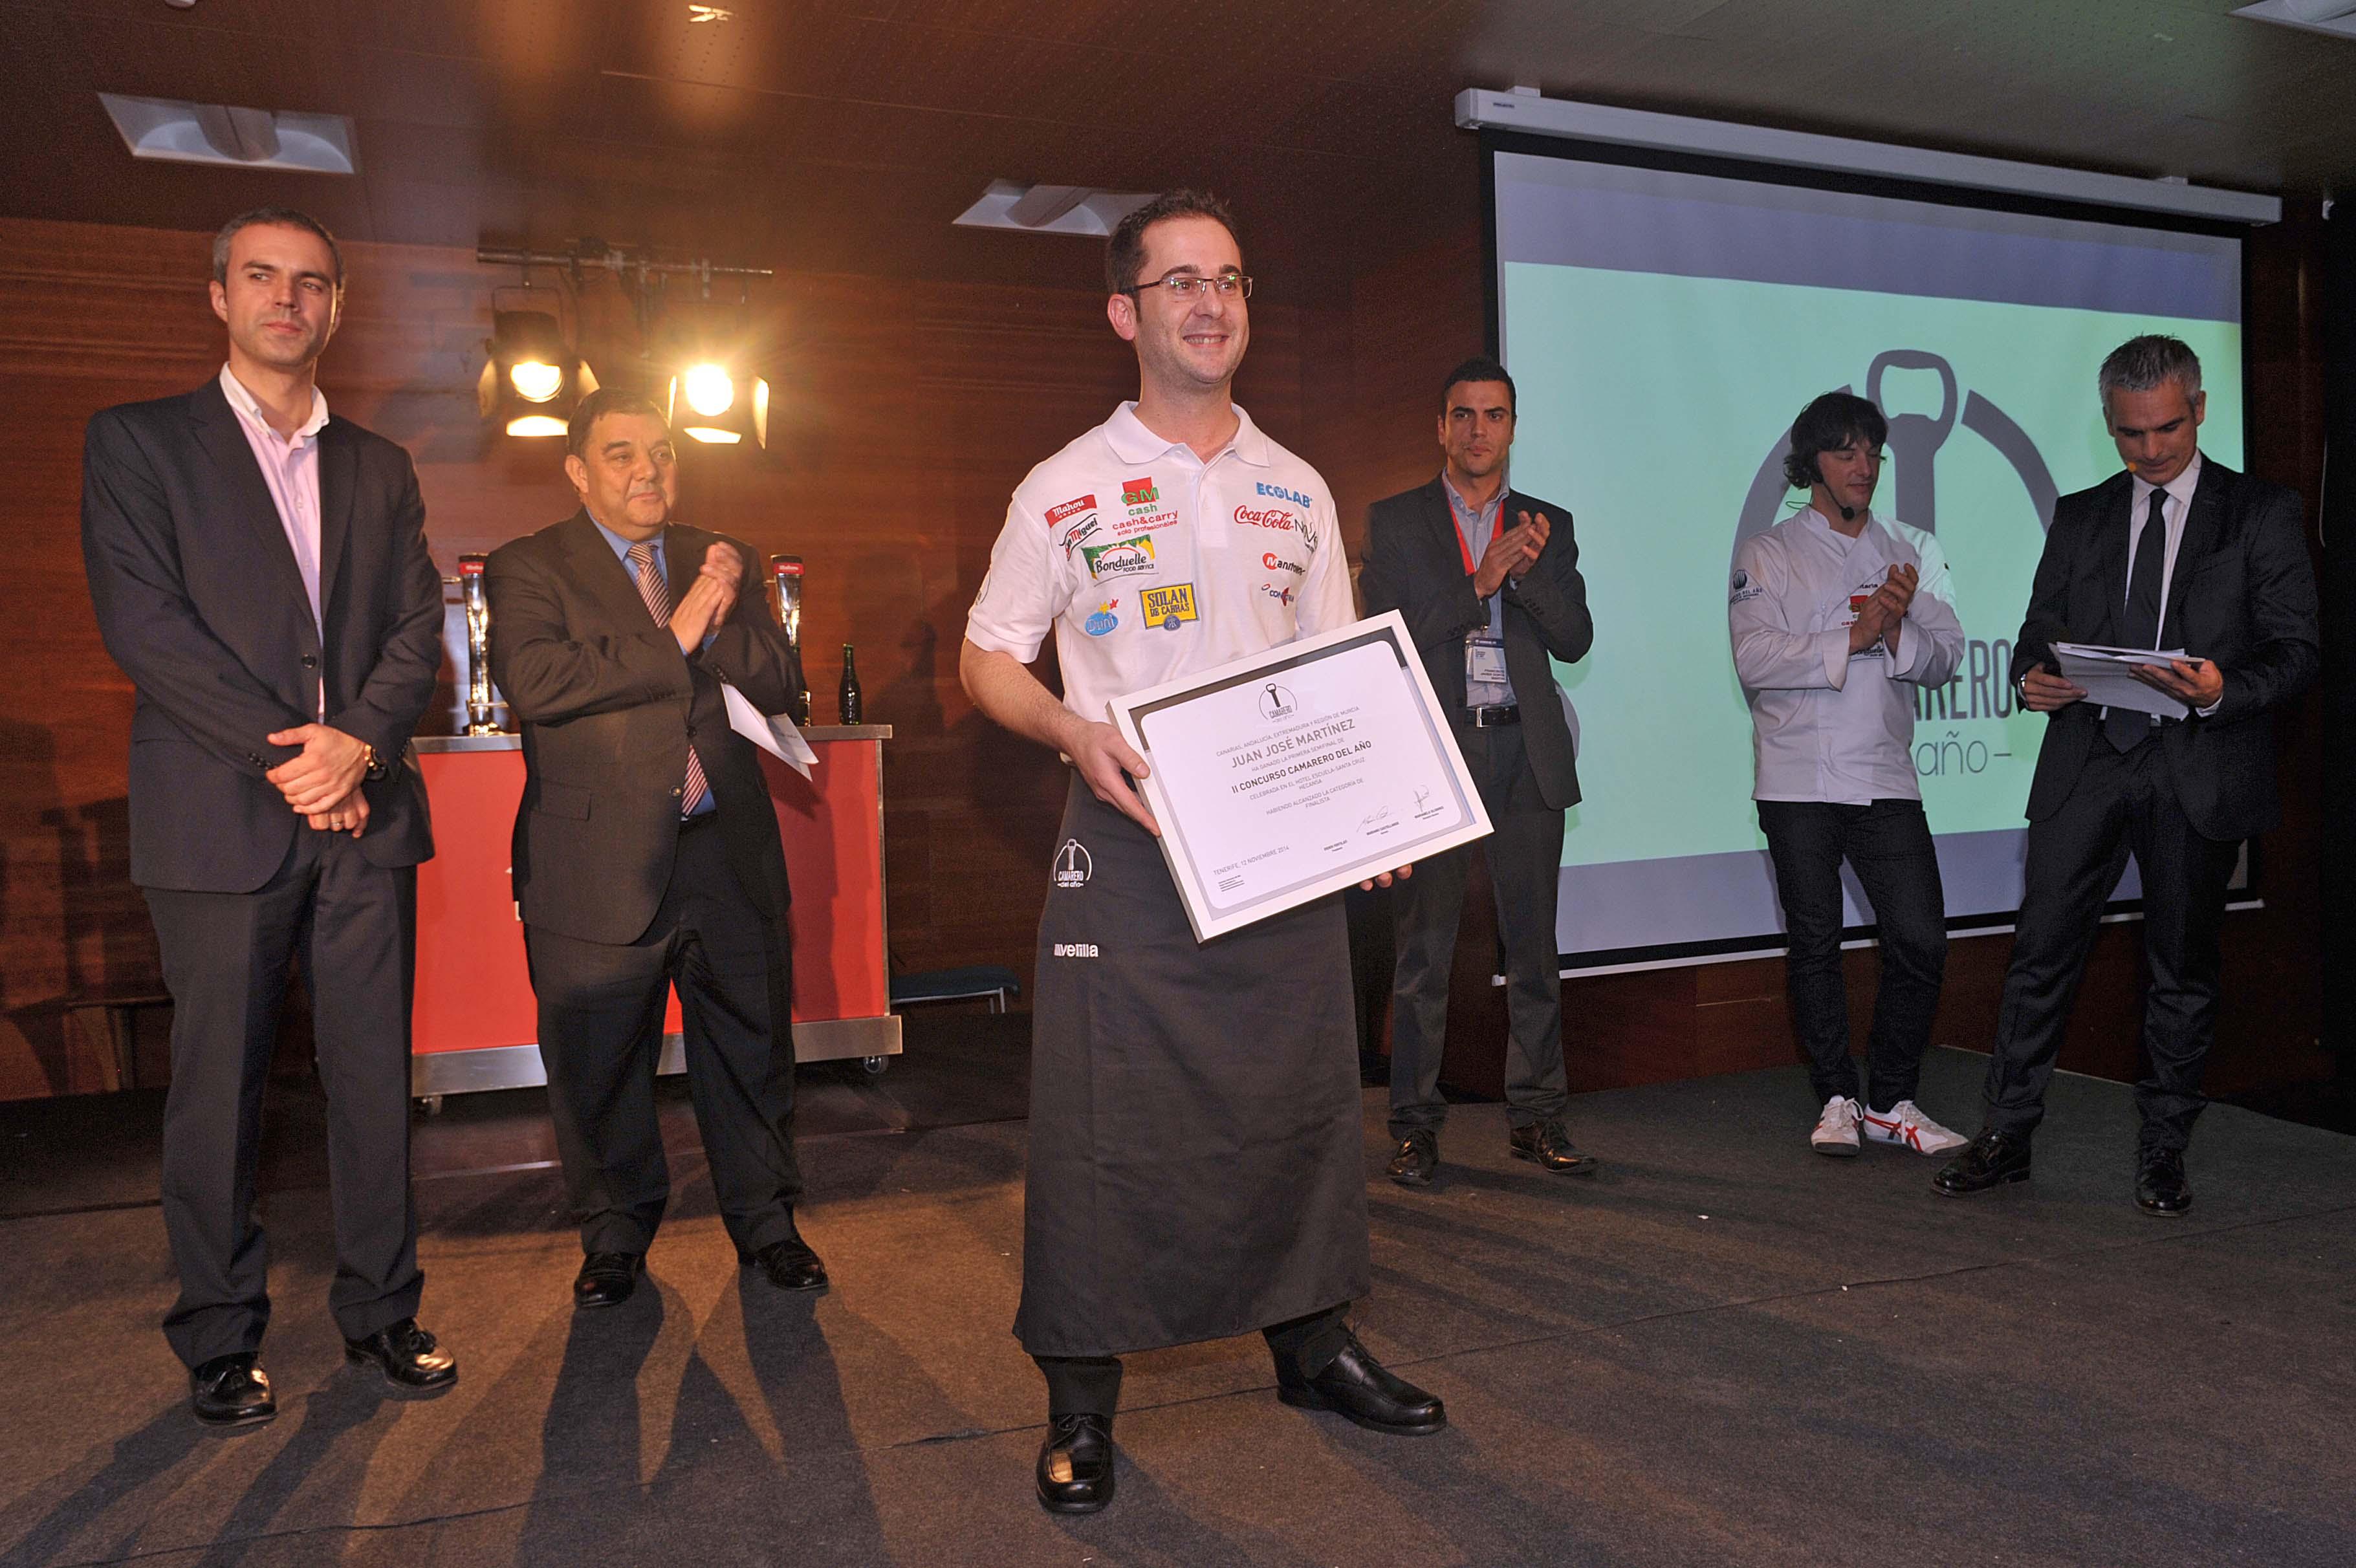 Se acerca la gran final delVI Concurso Cocinero del Año con Raúl Resino de Benicarló, entre ellos